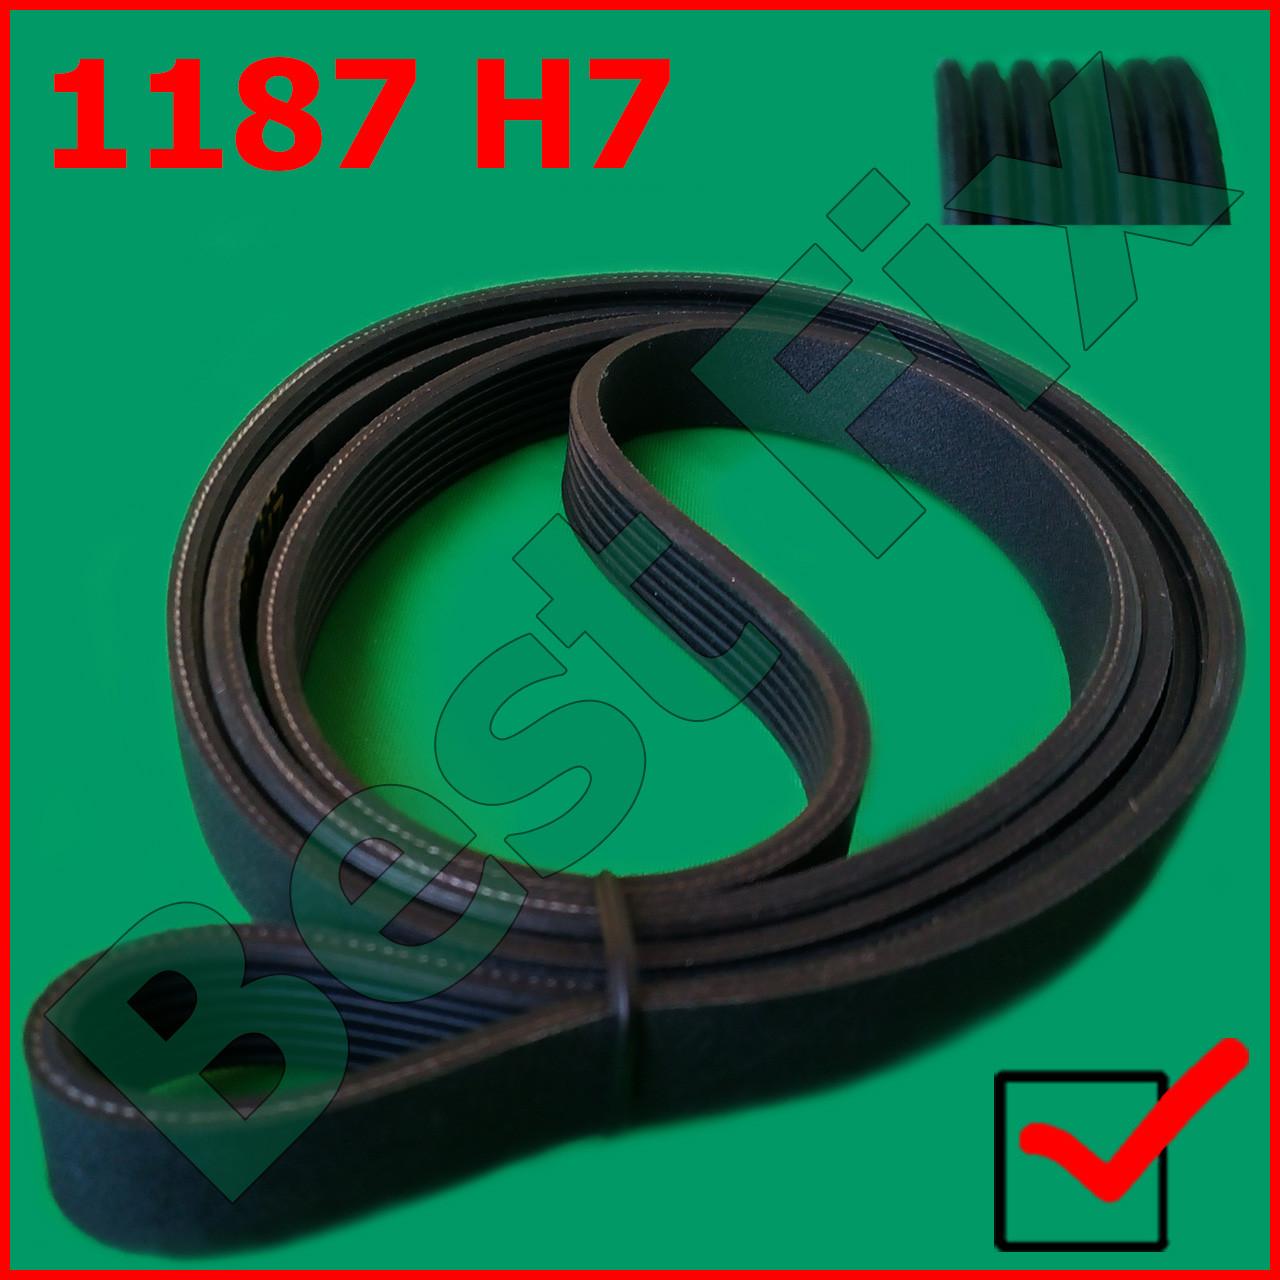 Ремень 1187 H7 EL Megadyne черный